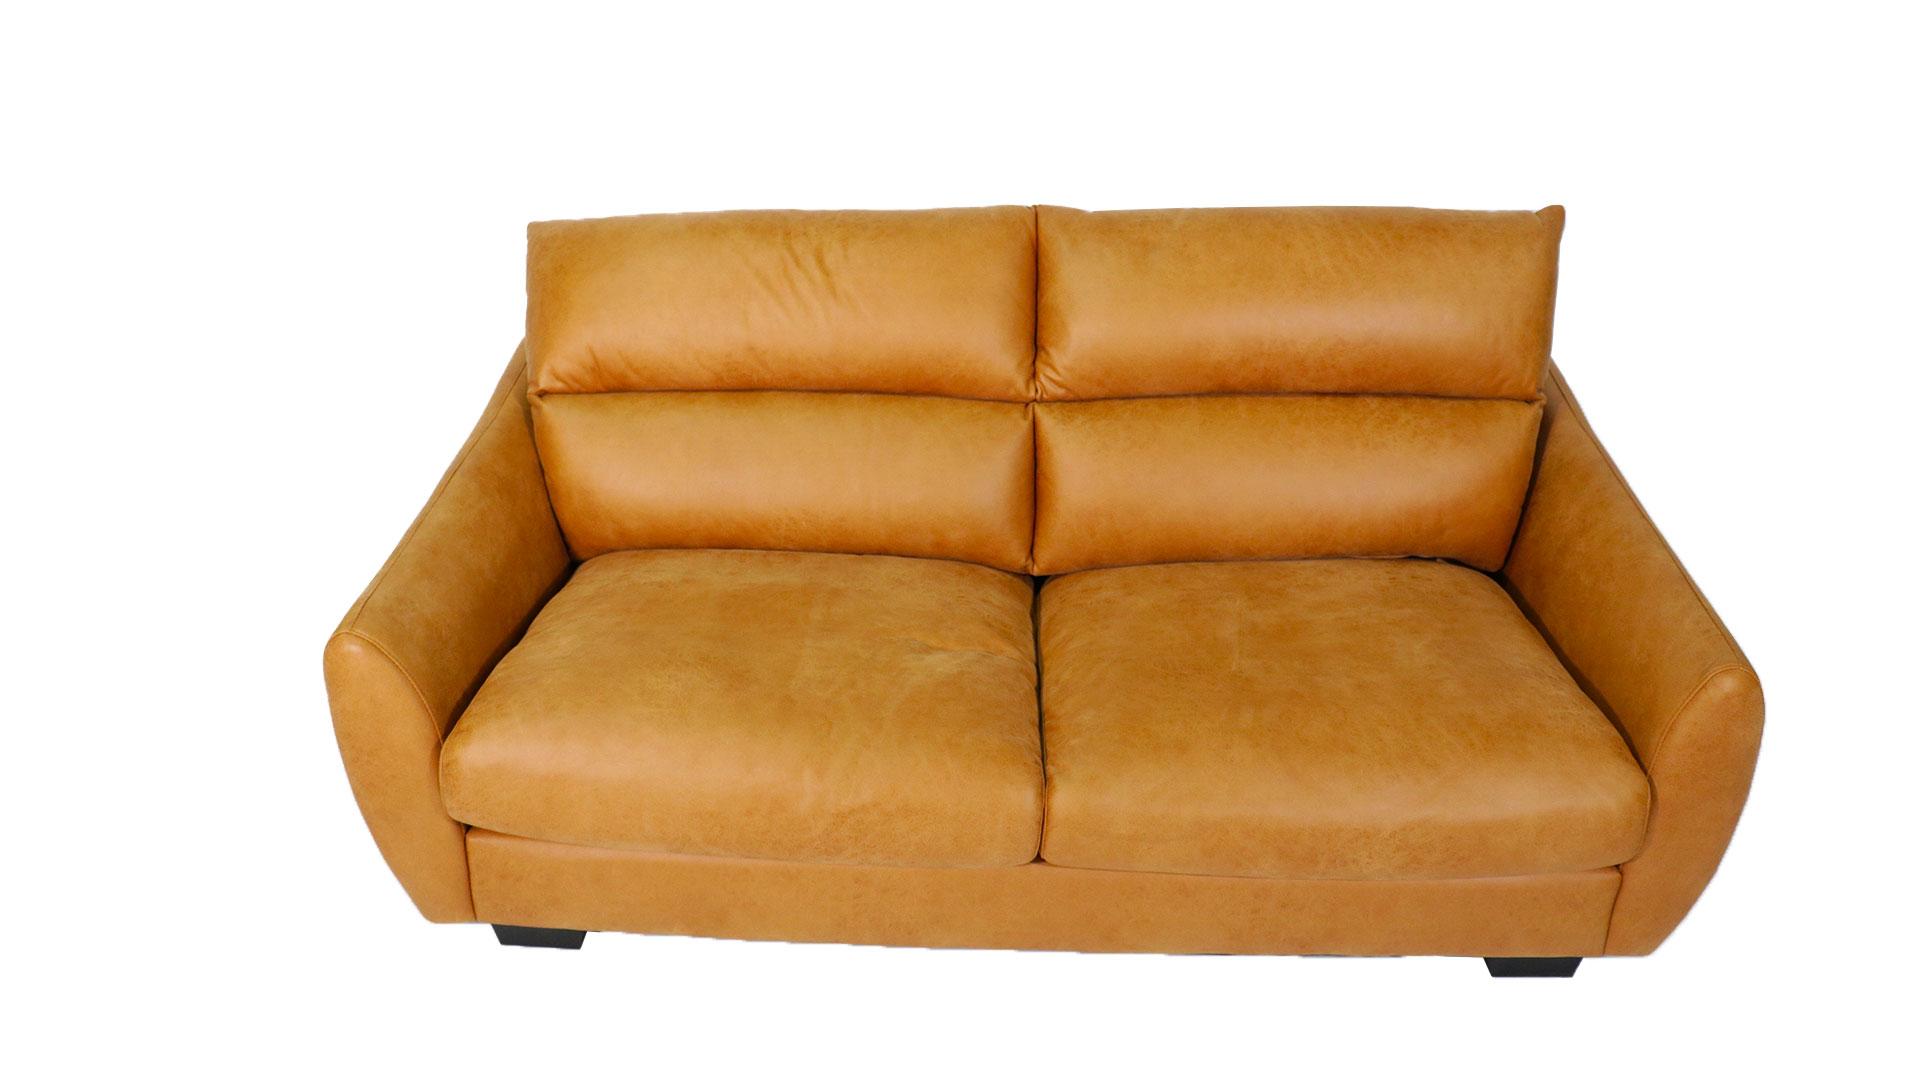 ふんわりハイバックのask-inのソファ「ルーク」の正面から撮影した画像